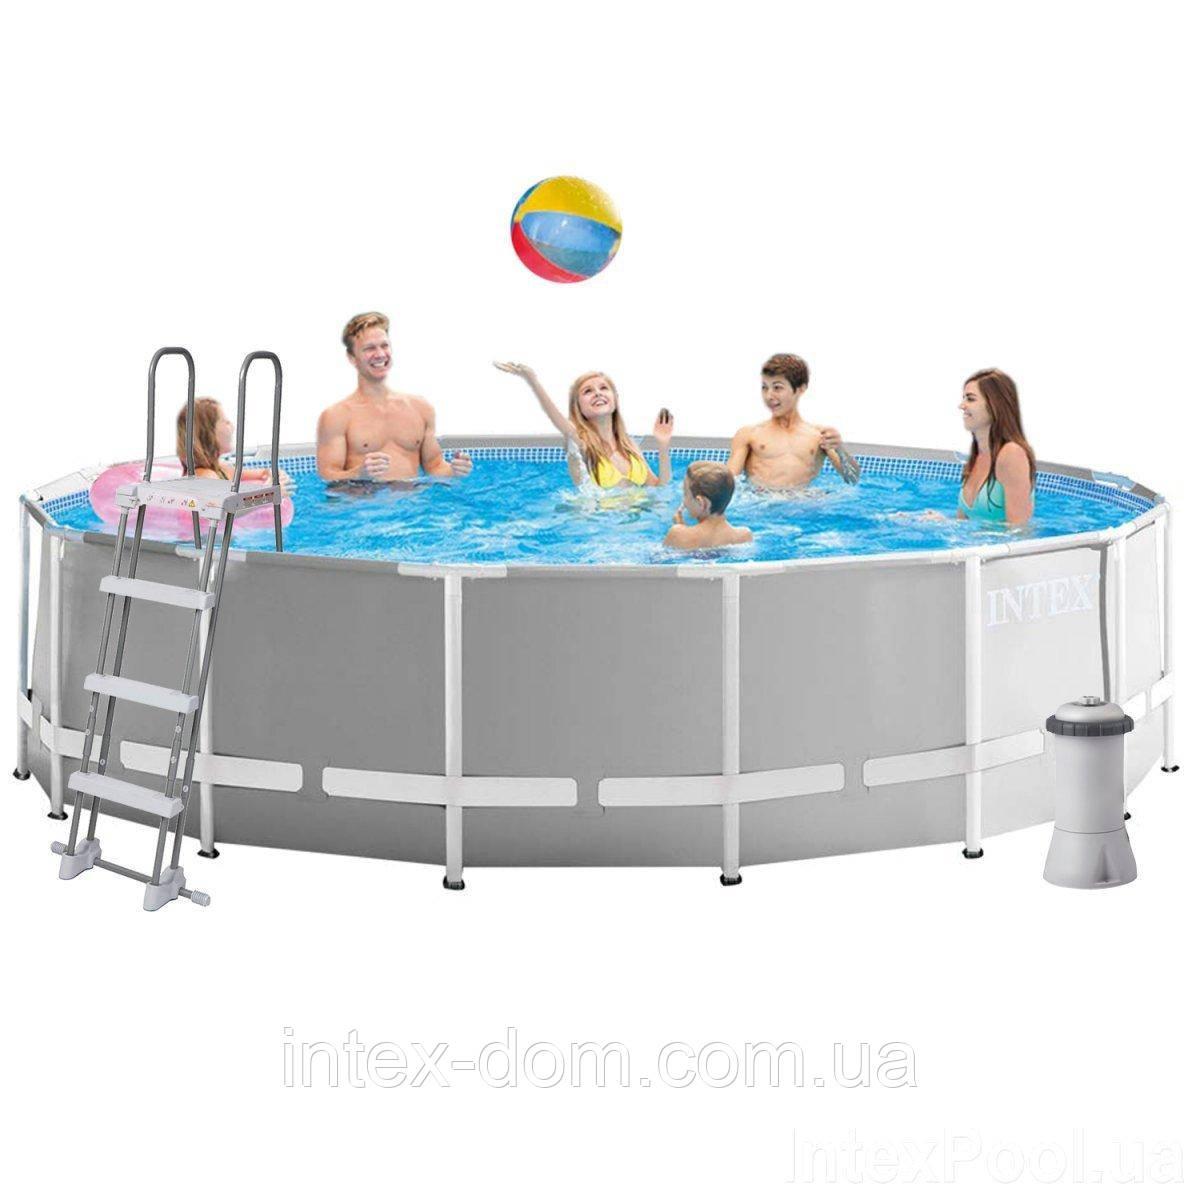 Каркасный бассейн Intex 26726,(457 x 122 см) (Картриджный фильтр-насос 3 785 л/ч, лестница, тент, подстилка)